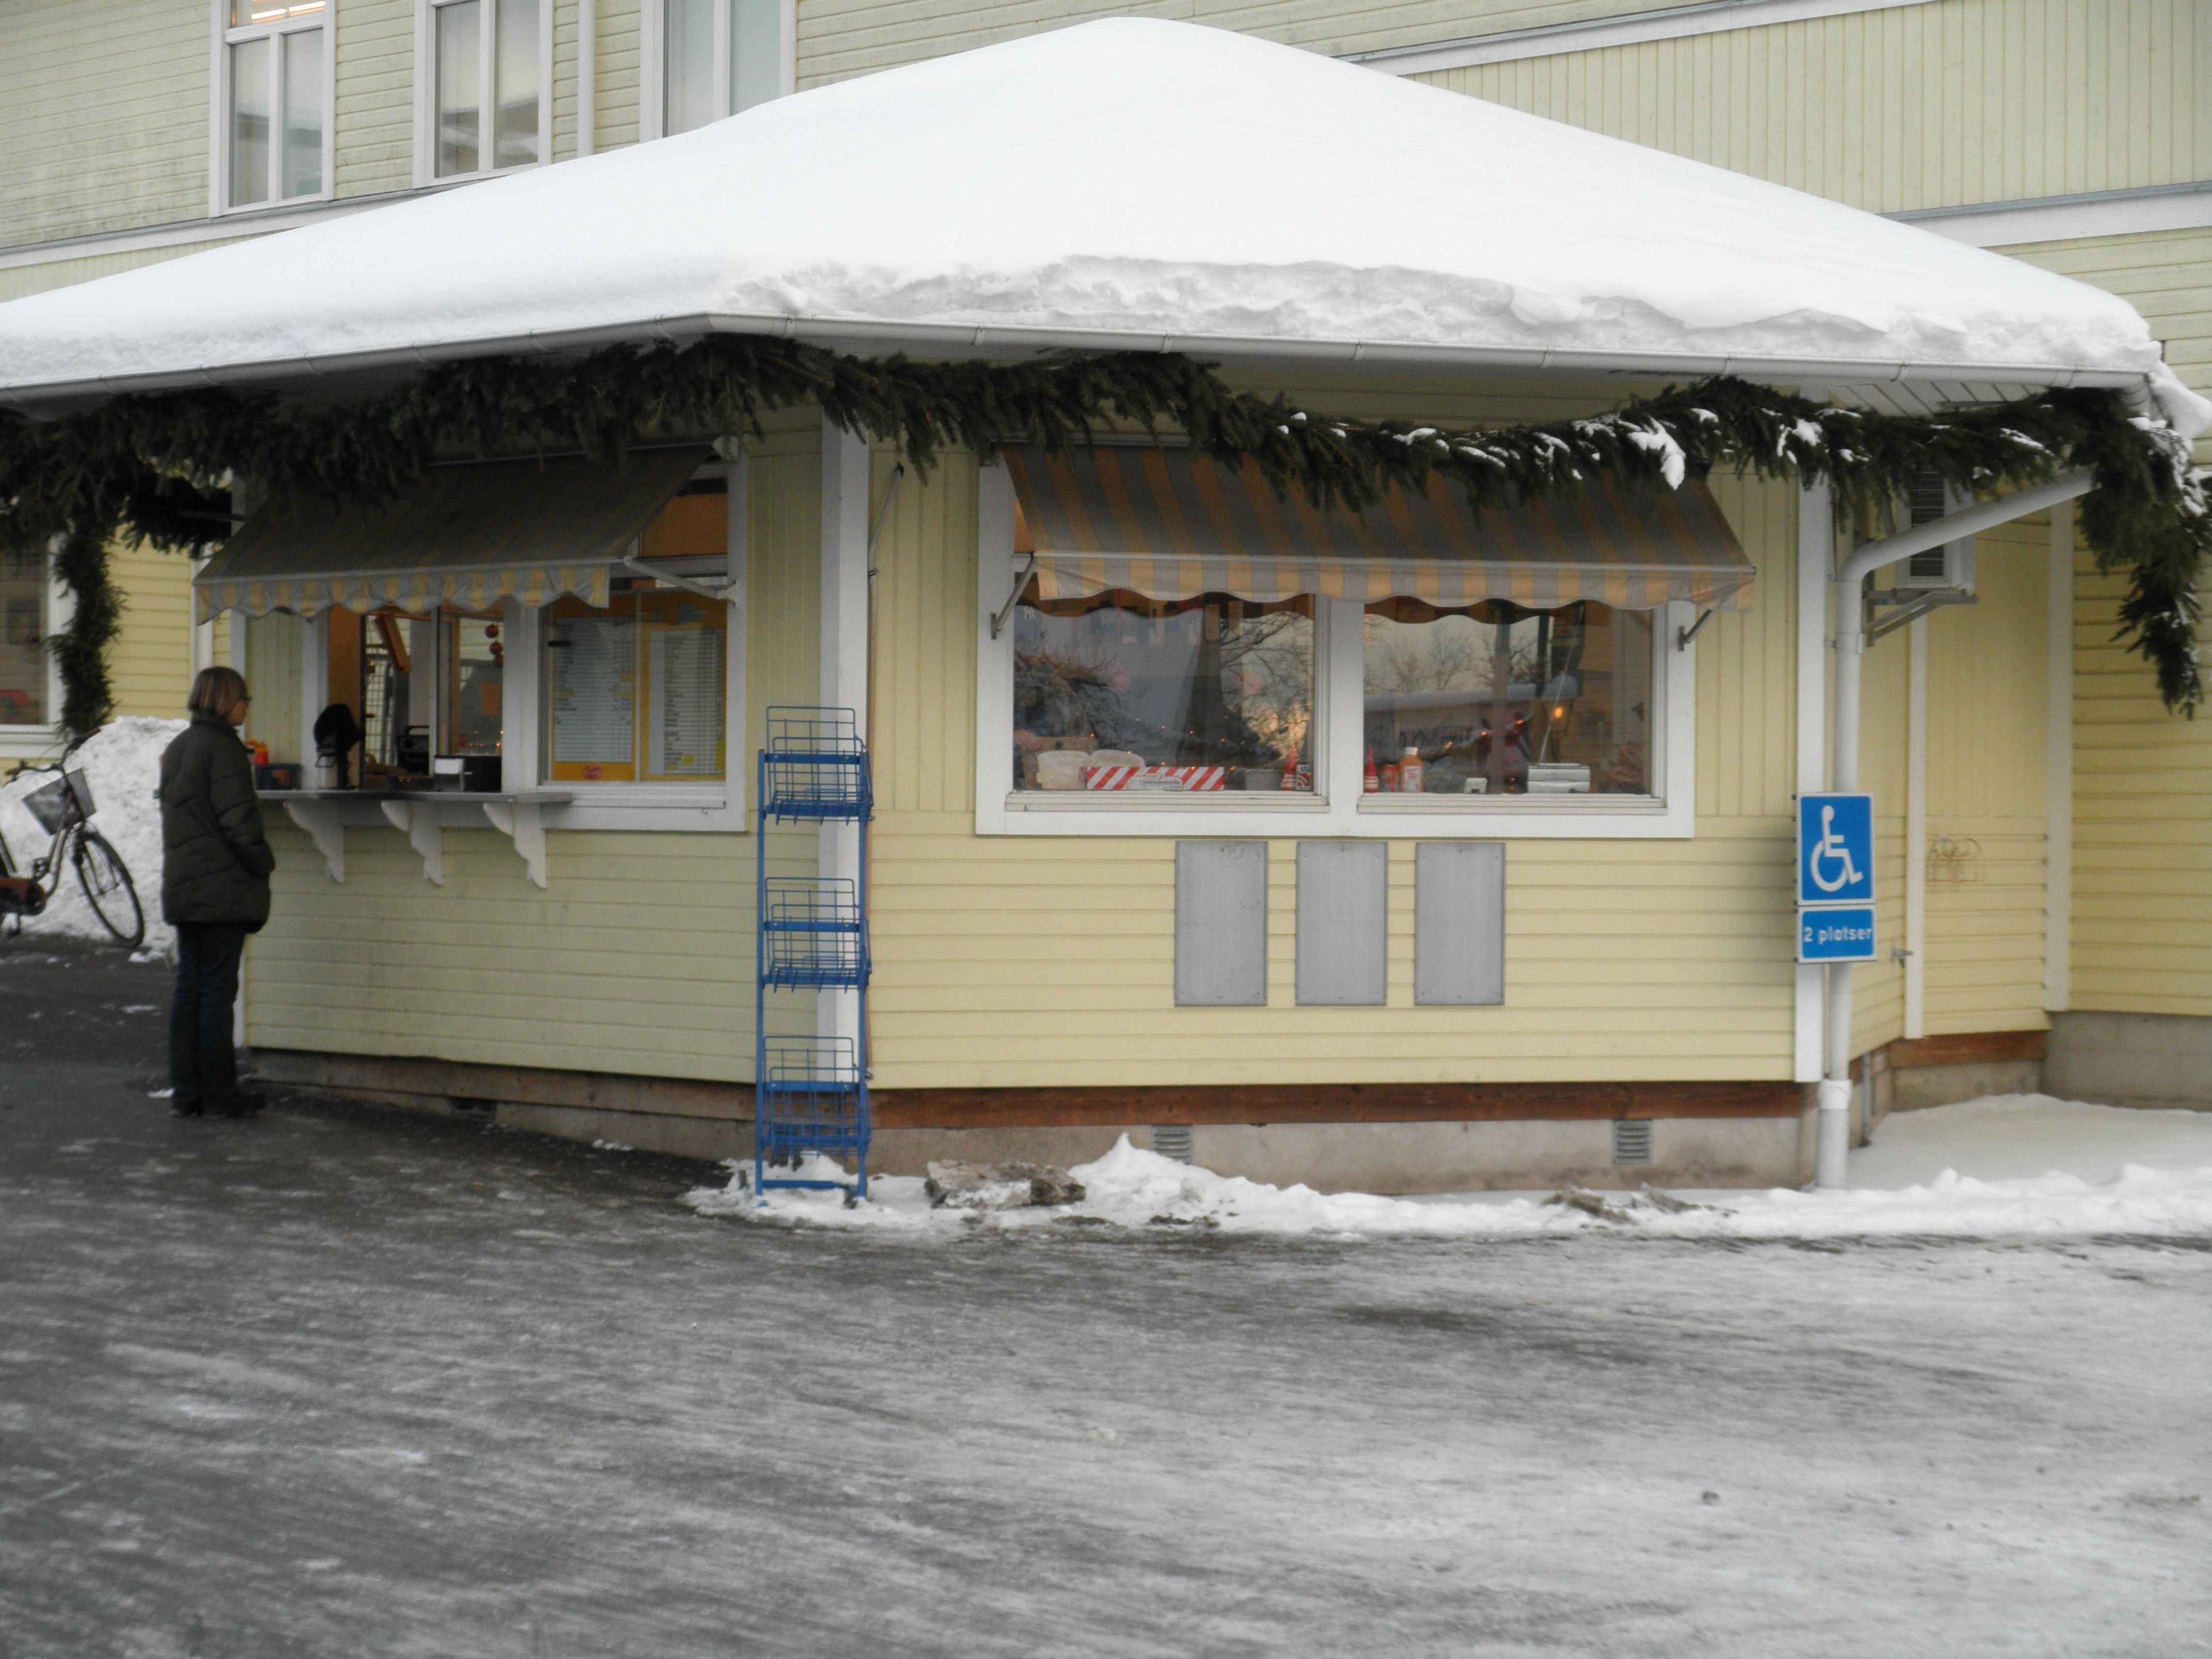 Korvboden på Börjes Torg - Fast food stand at Börjes Square